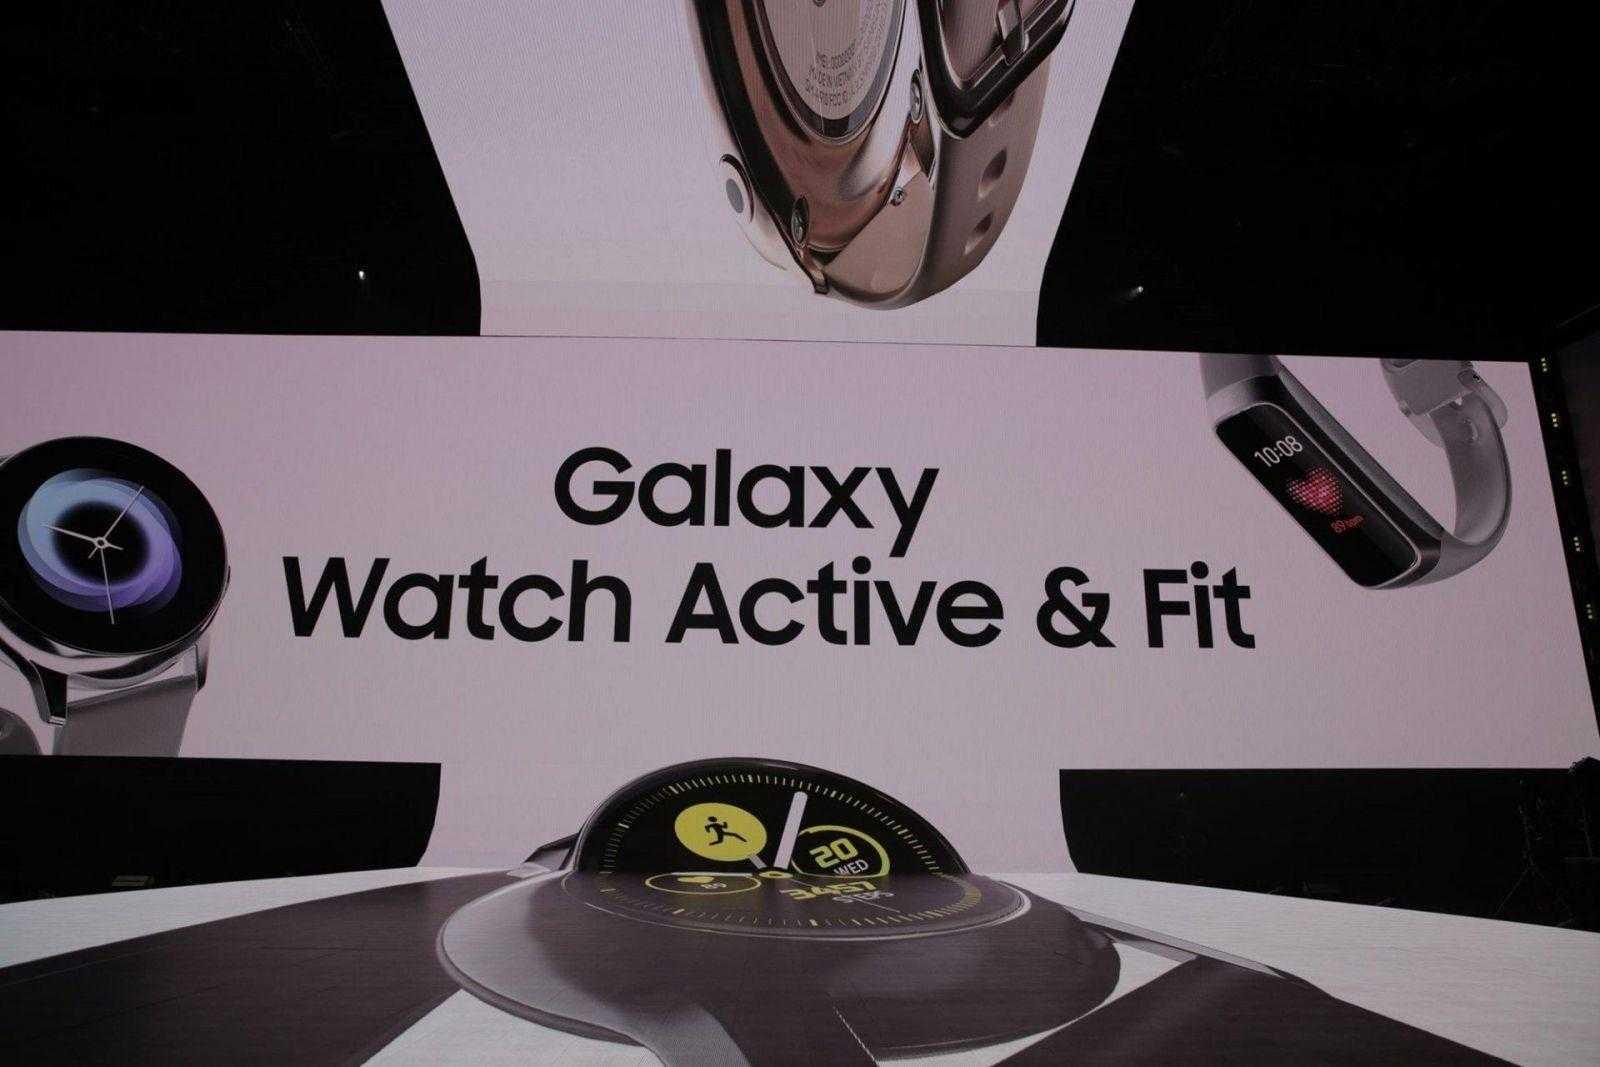 Samsung Galaxy Watch Active выпущены официально